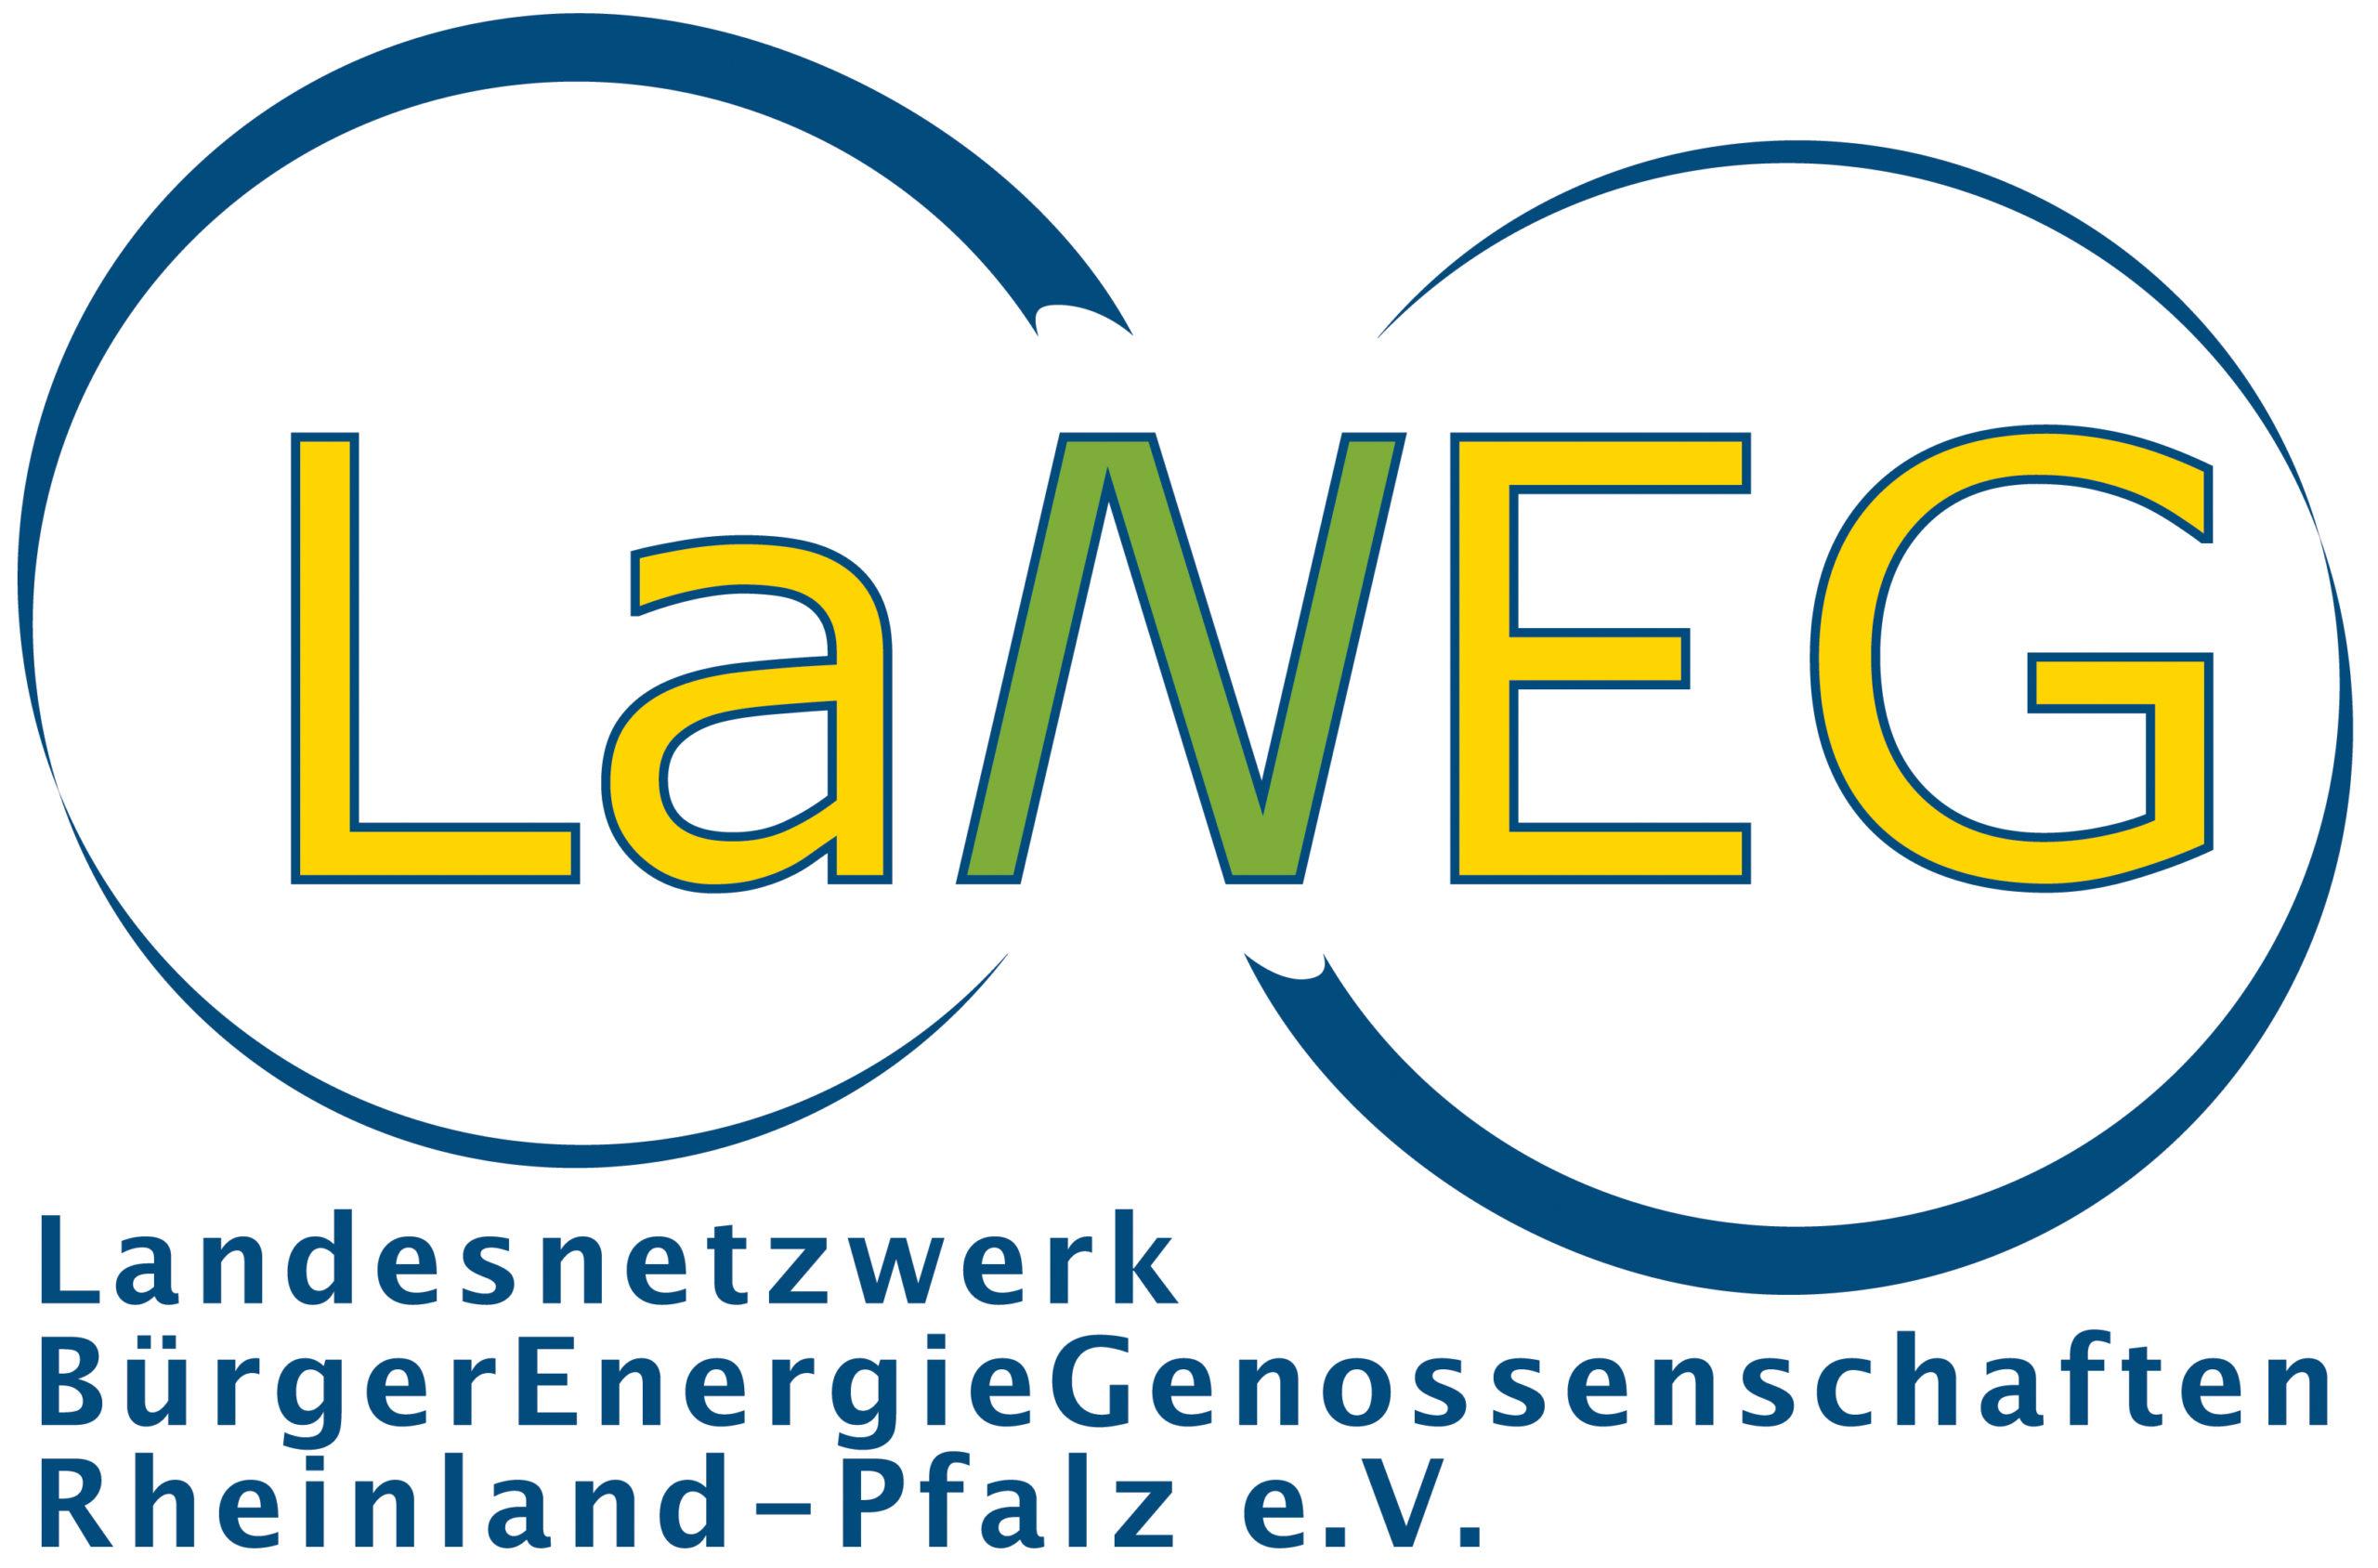 Laneg Logo Rheinland-Pfalz e.V.